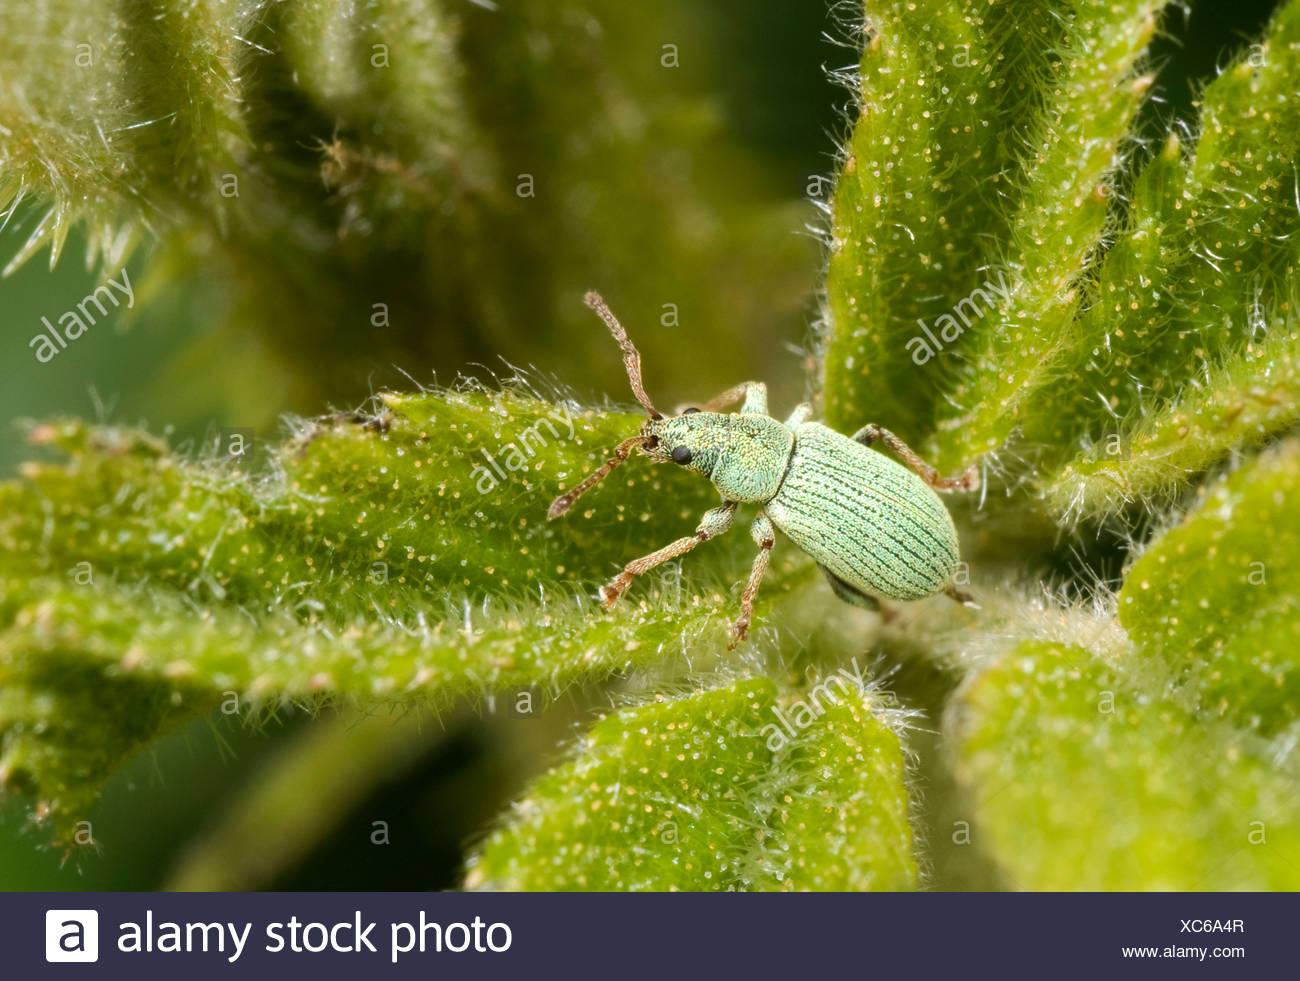 (Phyllobius pomaceus charançon). Jeunes adultes en montrant l'échelle verte intacte. Photo Stock